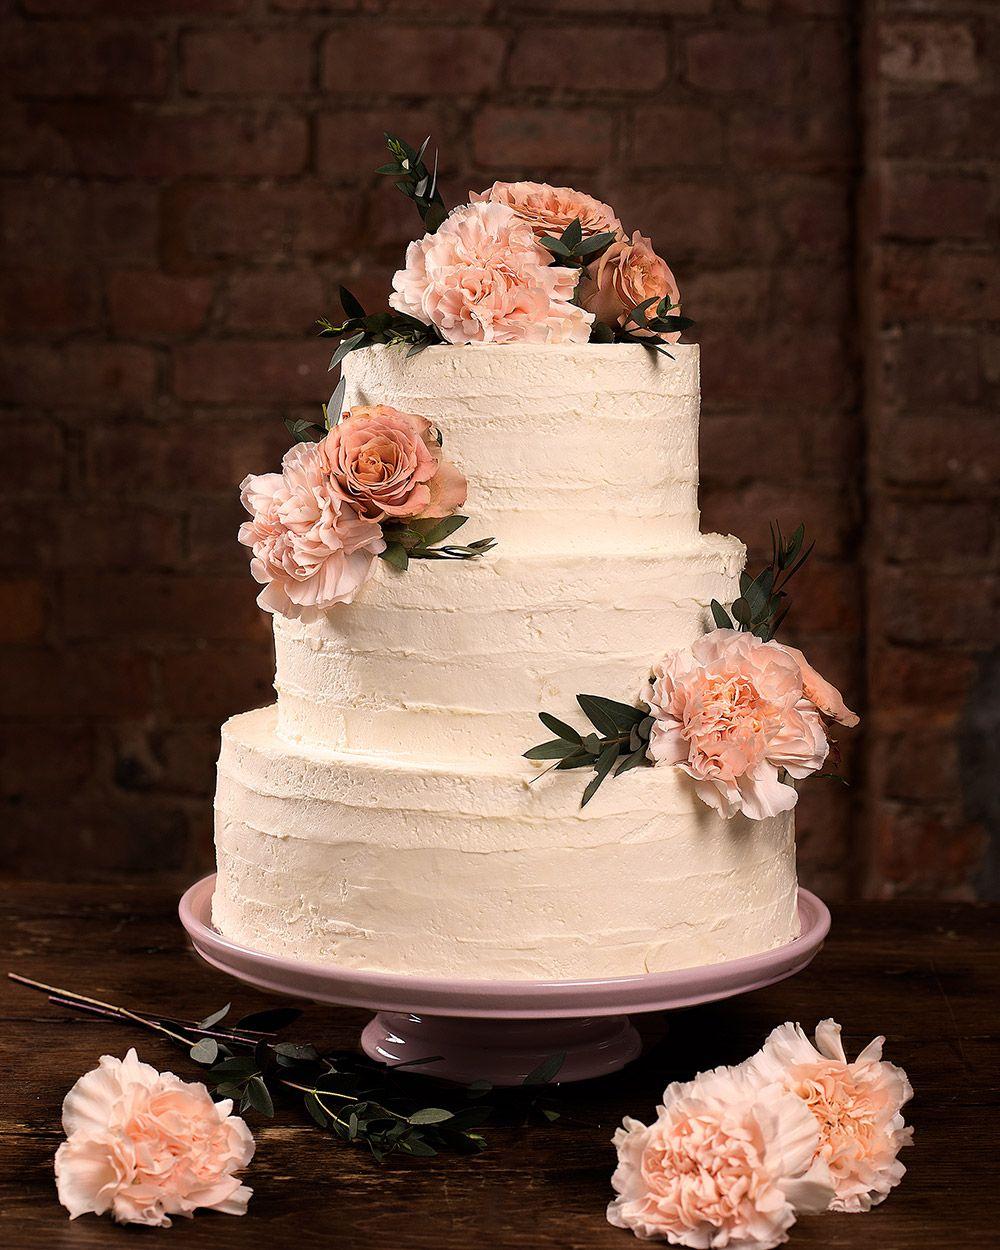 Ice Cream Wedding Cake.Davey S Ice Cream Wedding Cakes Let Them Eat Cake Ice Cream